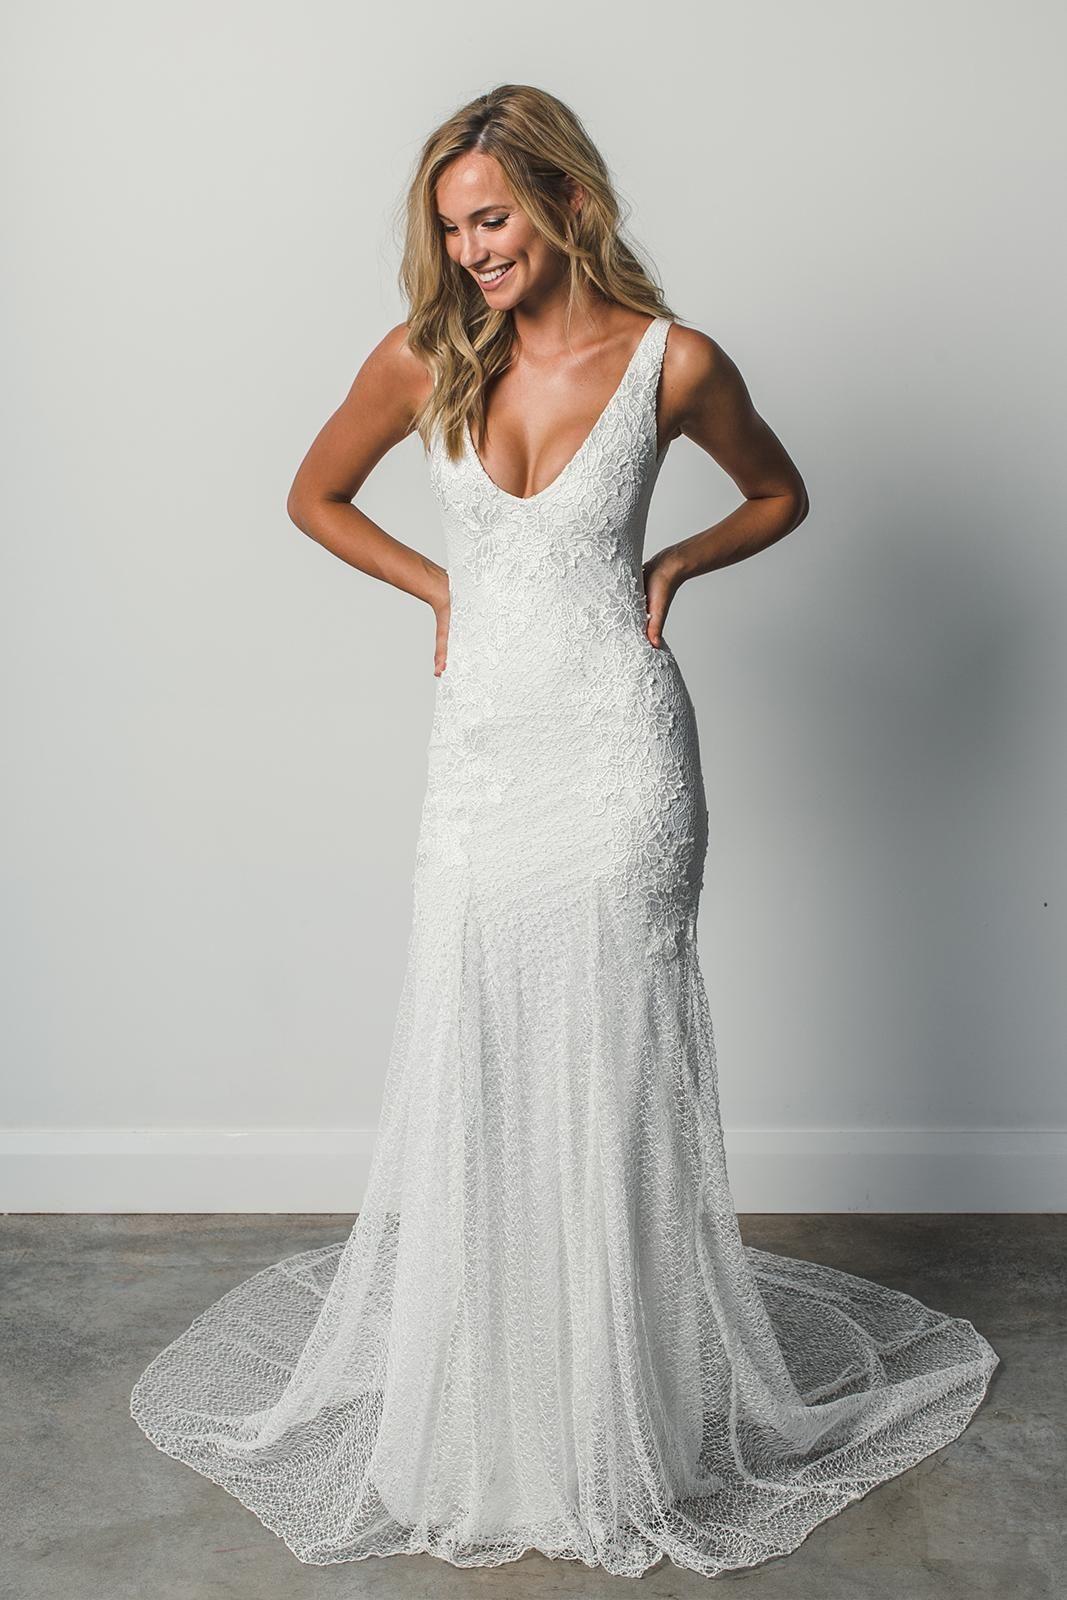 Shop Dominique Wedding dress silhouette, Wedding dresses